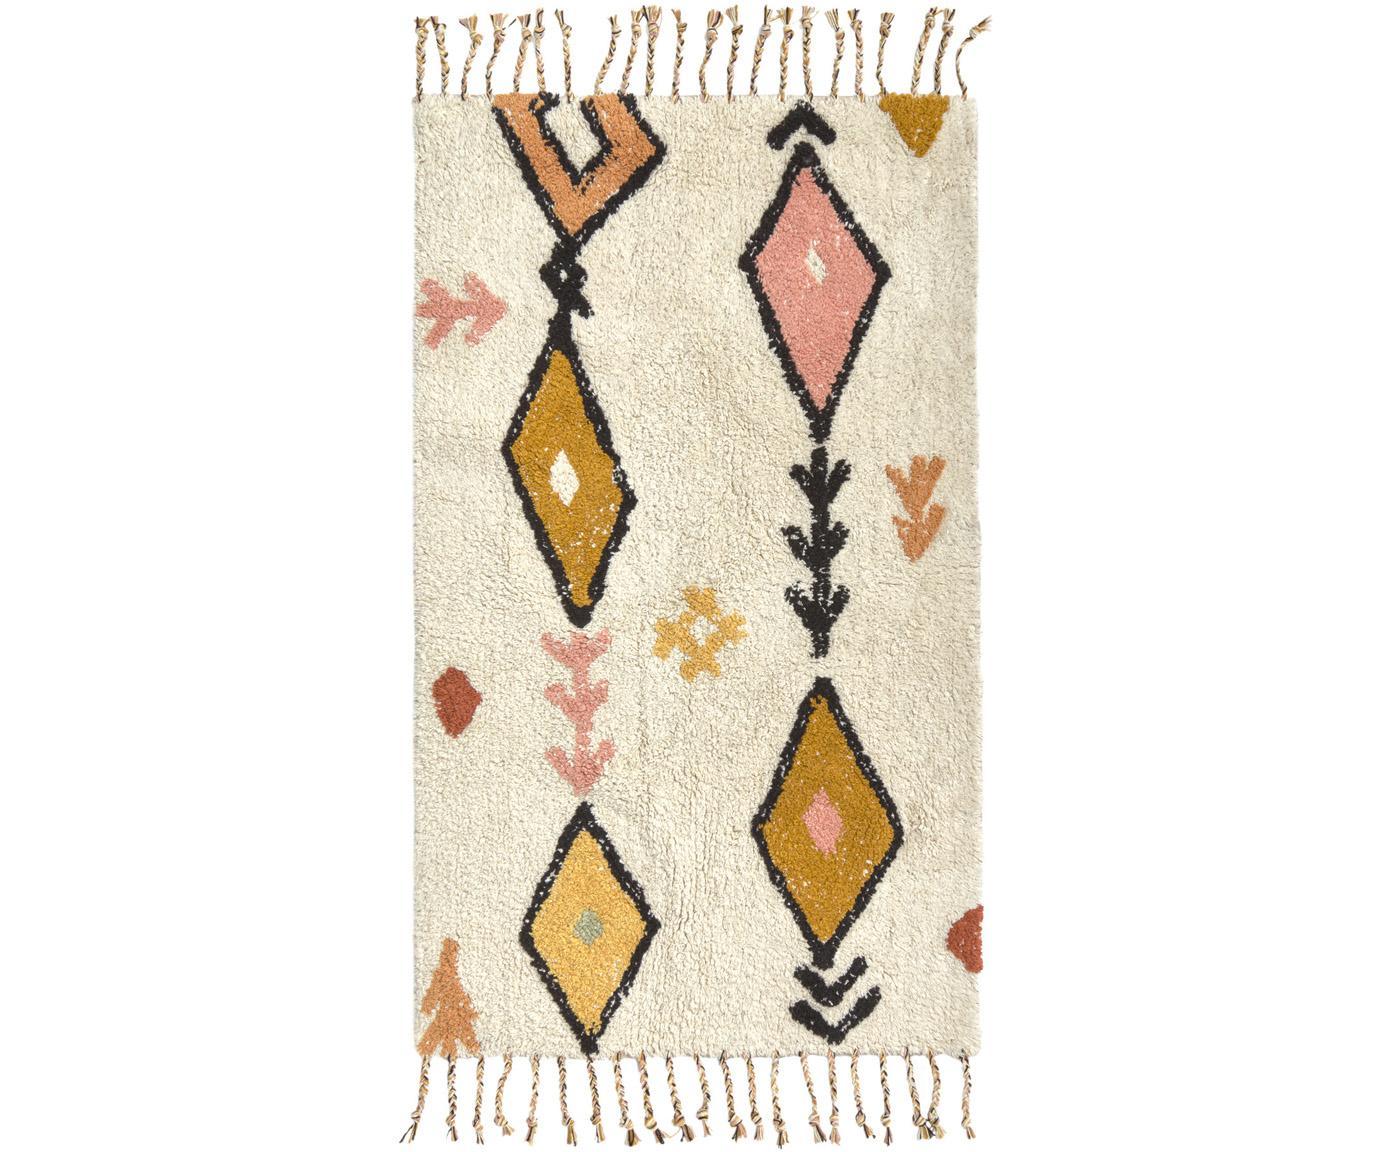 Dywan z frędzlami Bereber, 100% bawełna, Odcienie kremowego, wielobarwny, S 60 x D 90 cm (Rozmiar XXS)